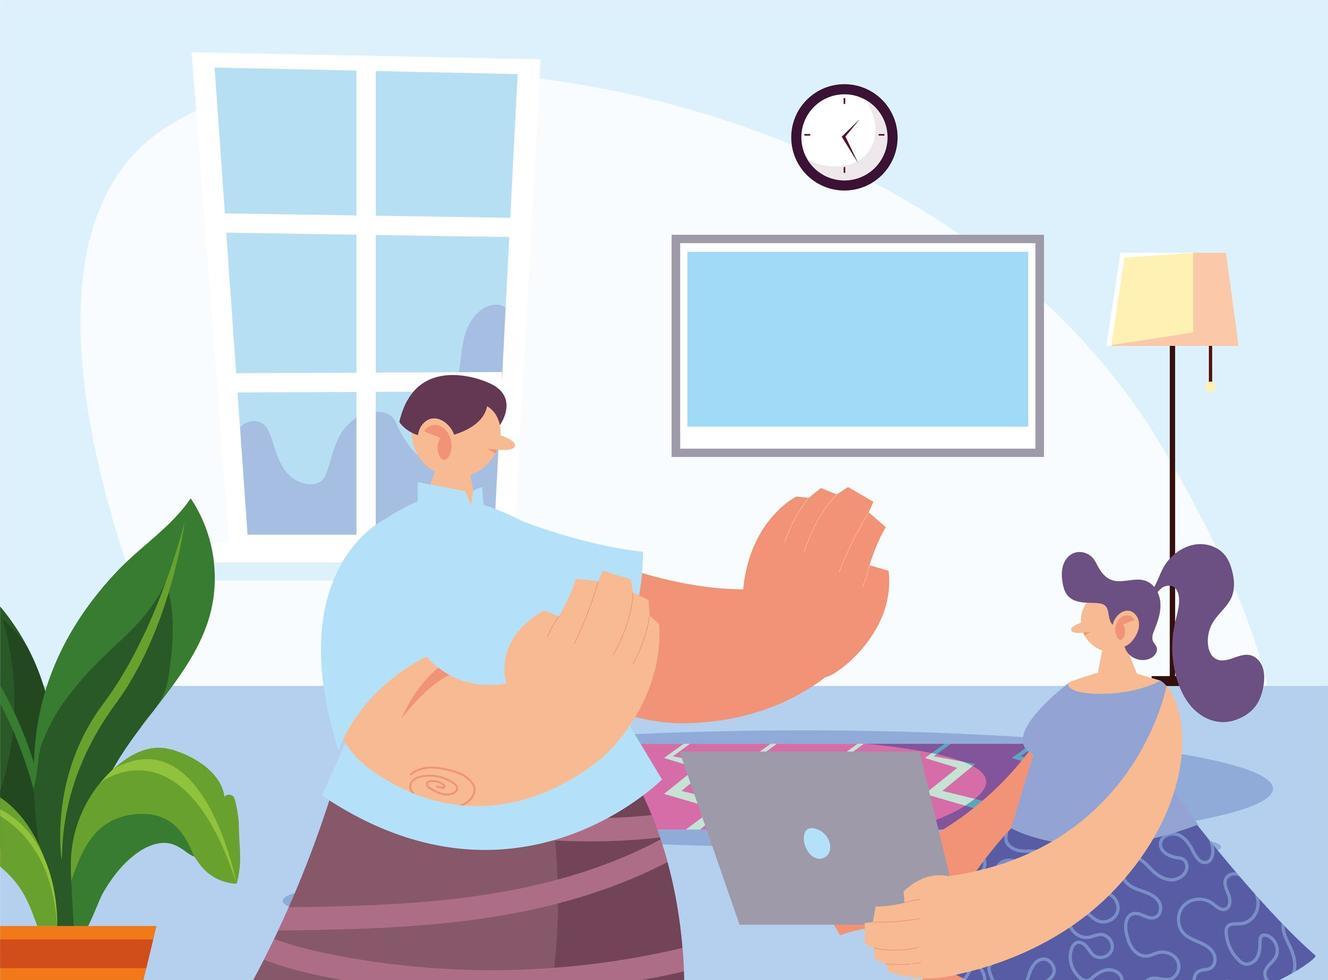 vrouw thuis ter preventie van coronavirus. vector